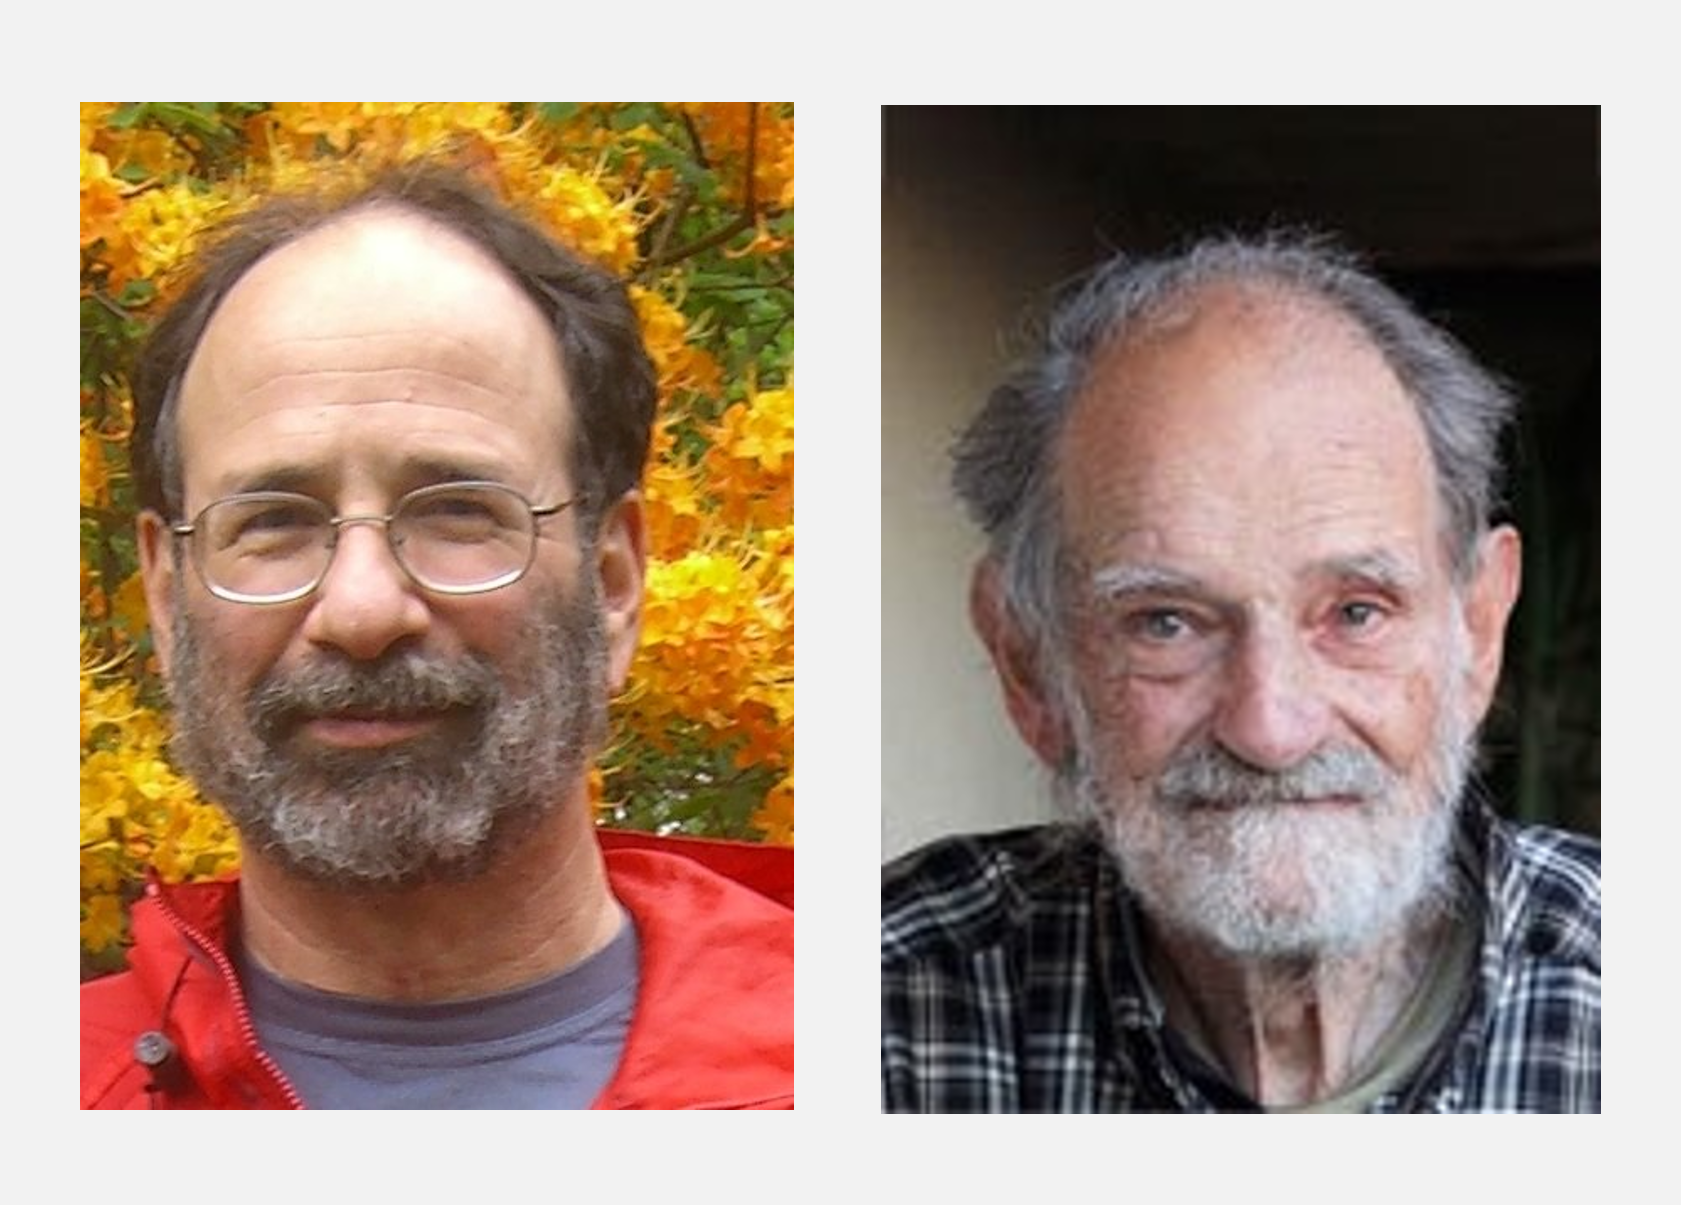 Fotografía de los Nobel de Economía 2012 Alvin E. Roth y Lloyd S. Shapley